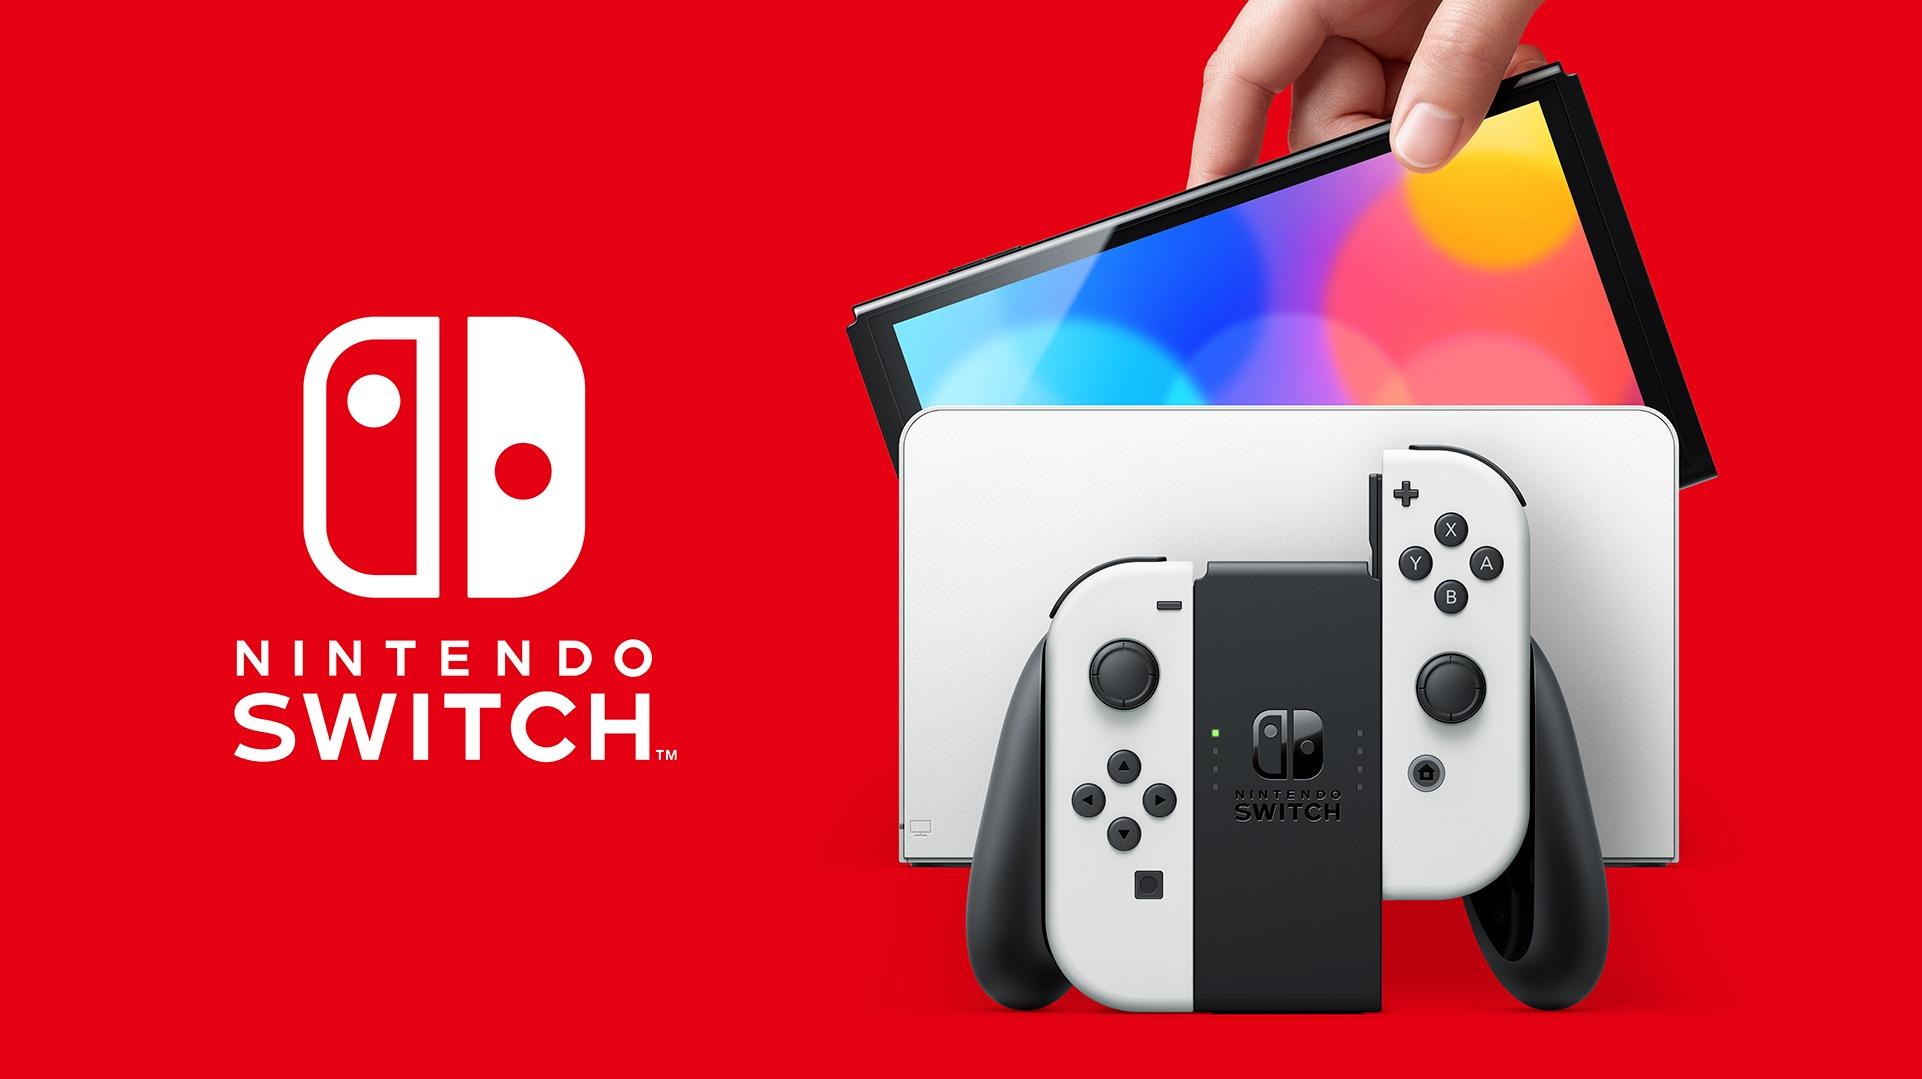 nuovo modello Nintendo Switch